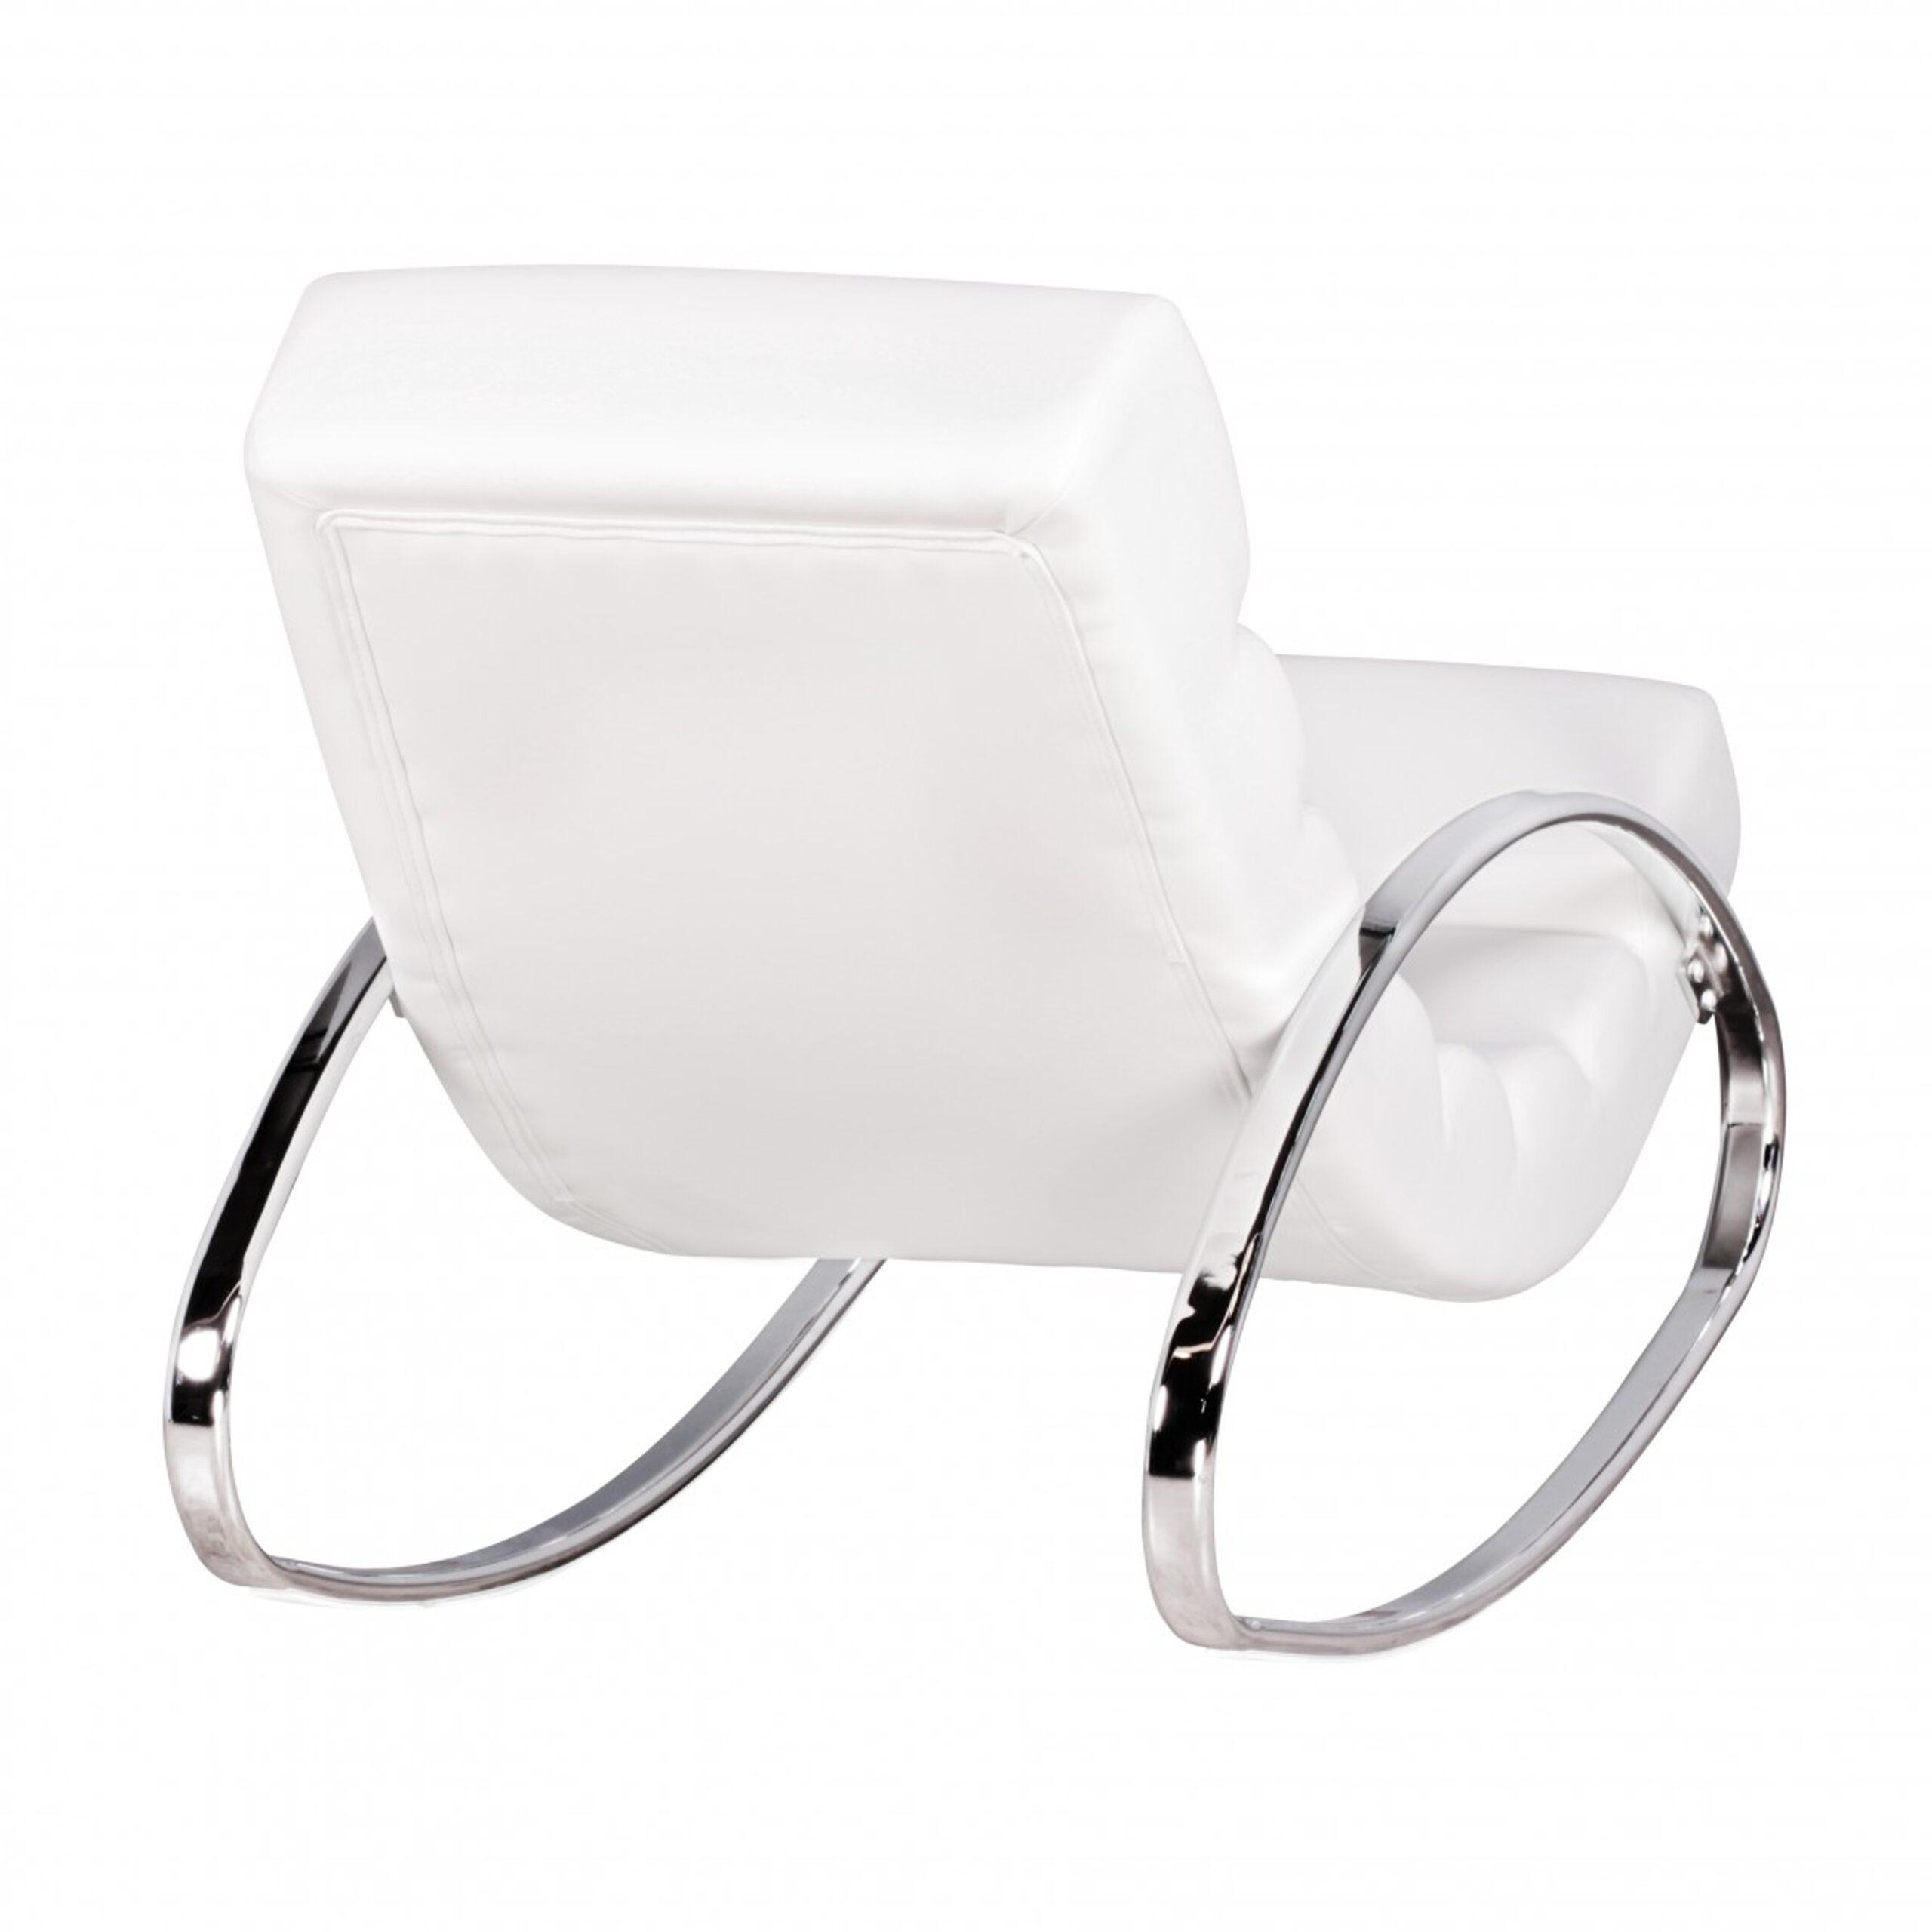 Full Size of Relaxliege Modern Garten Leder Sessel Fernsehsessel Farbe Wei Relaxsessel Design Küche Holz Modernes Bett Moderne Duschen Sofa Deckenlampen Wohnzimmer 180x200 Wohnzimmer Relaxliege Modern